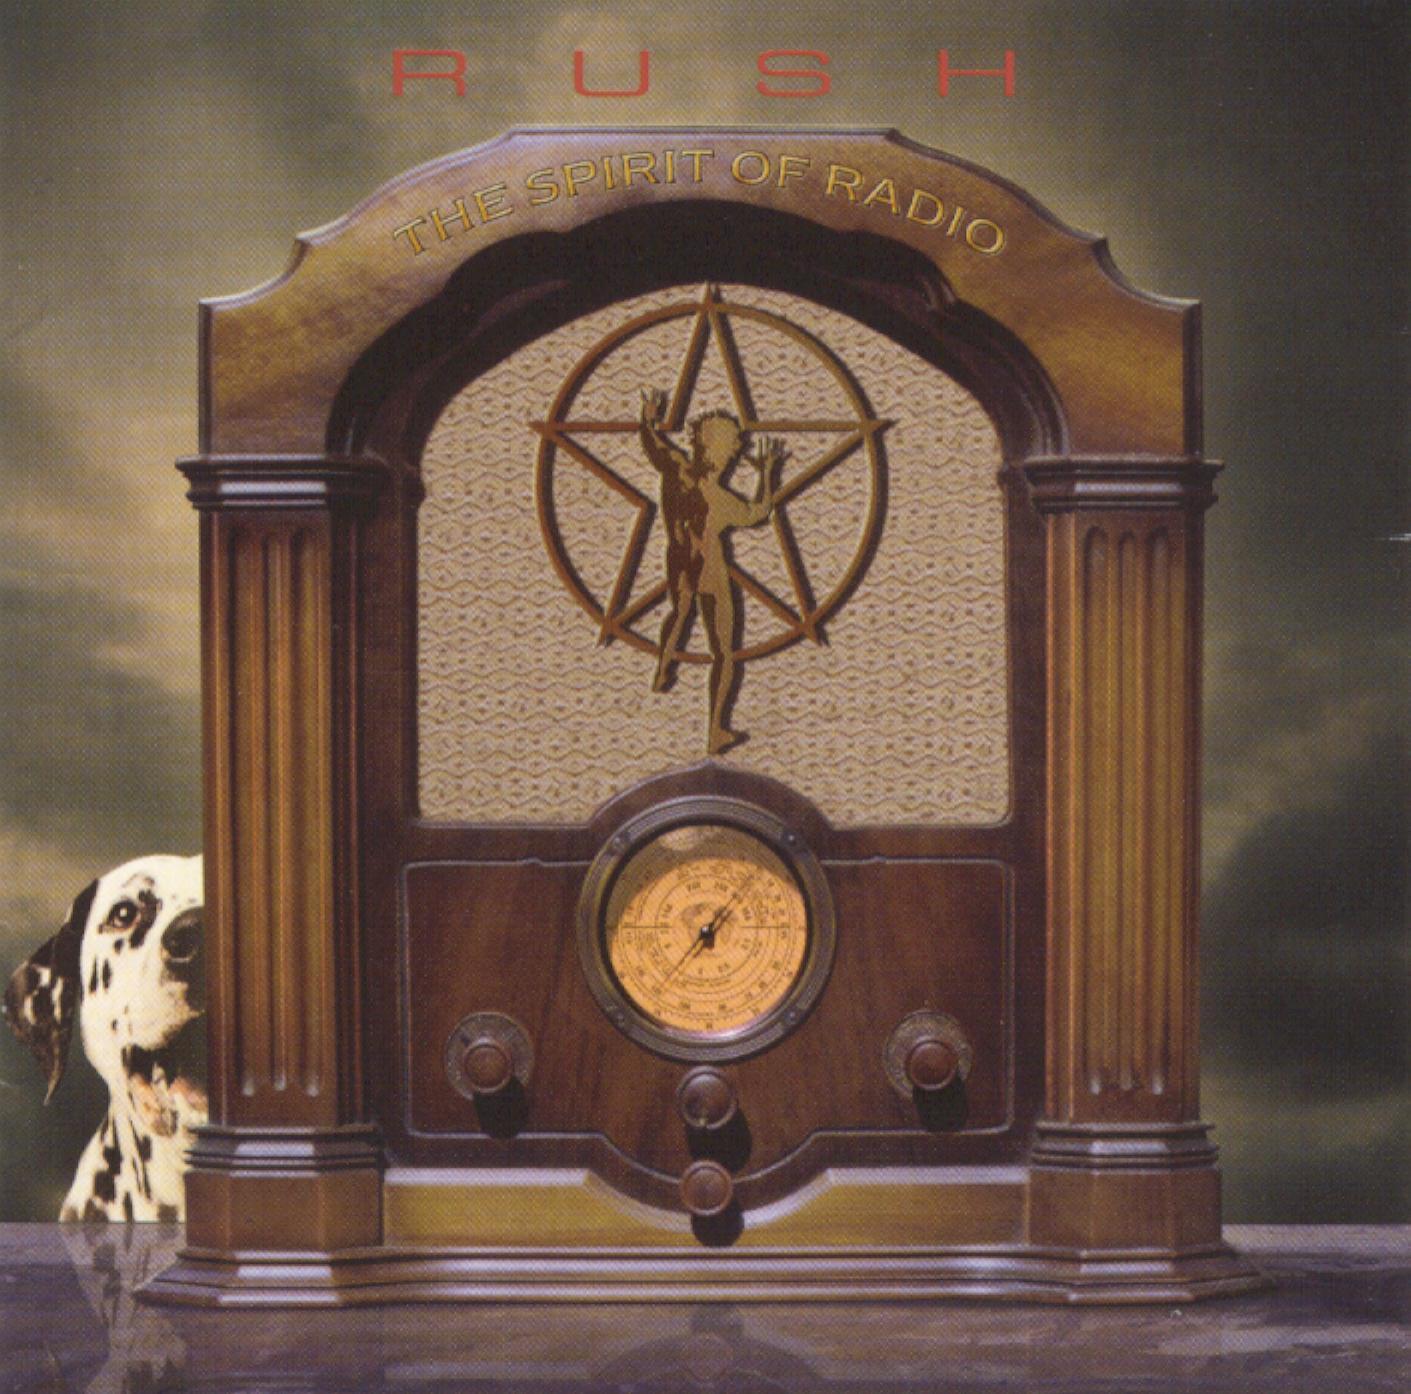 Rush: The Spirit of Radio - Greatest Hits 1974-1987